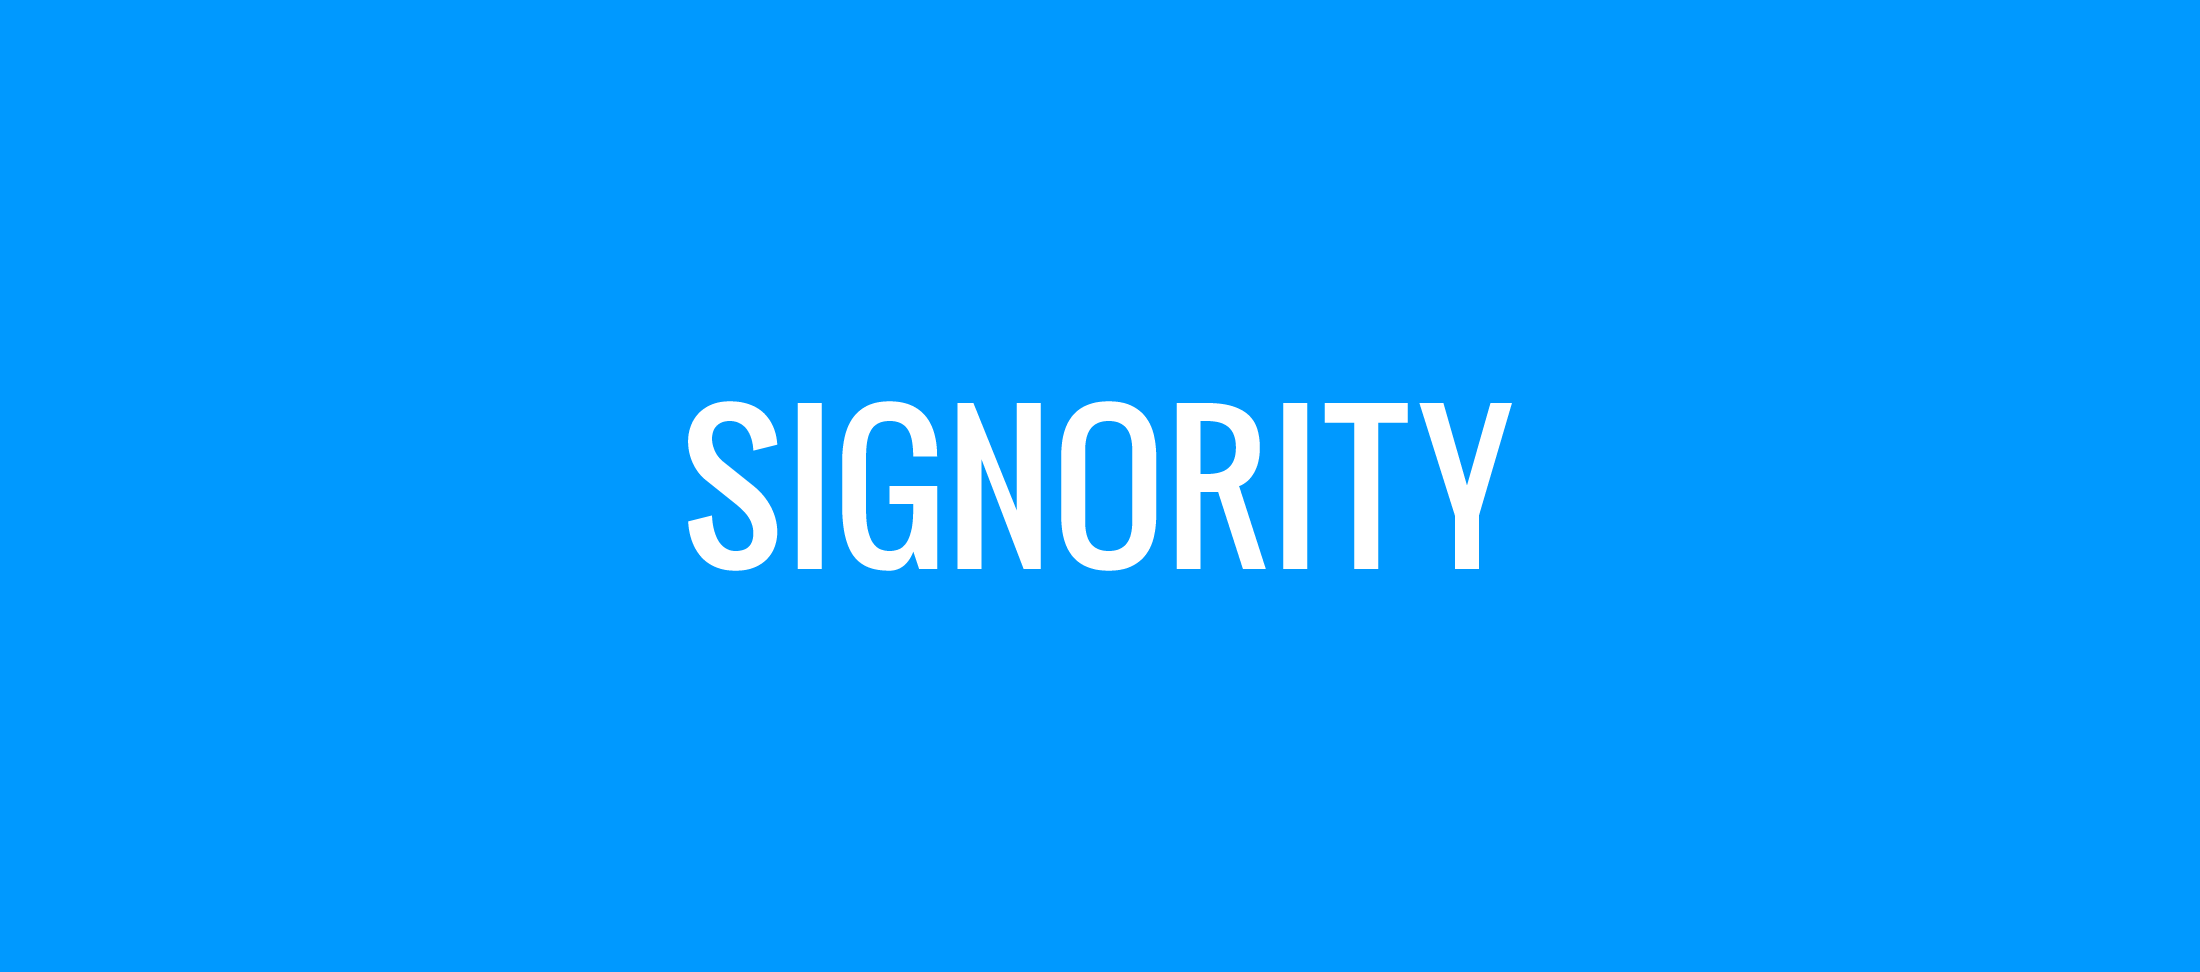 Signority Logo White on Blue background